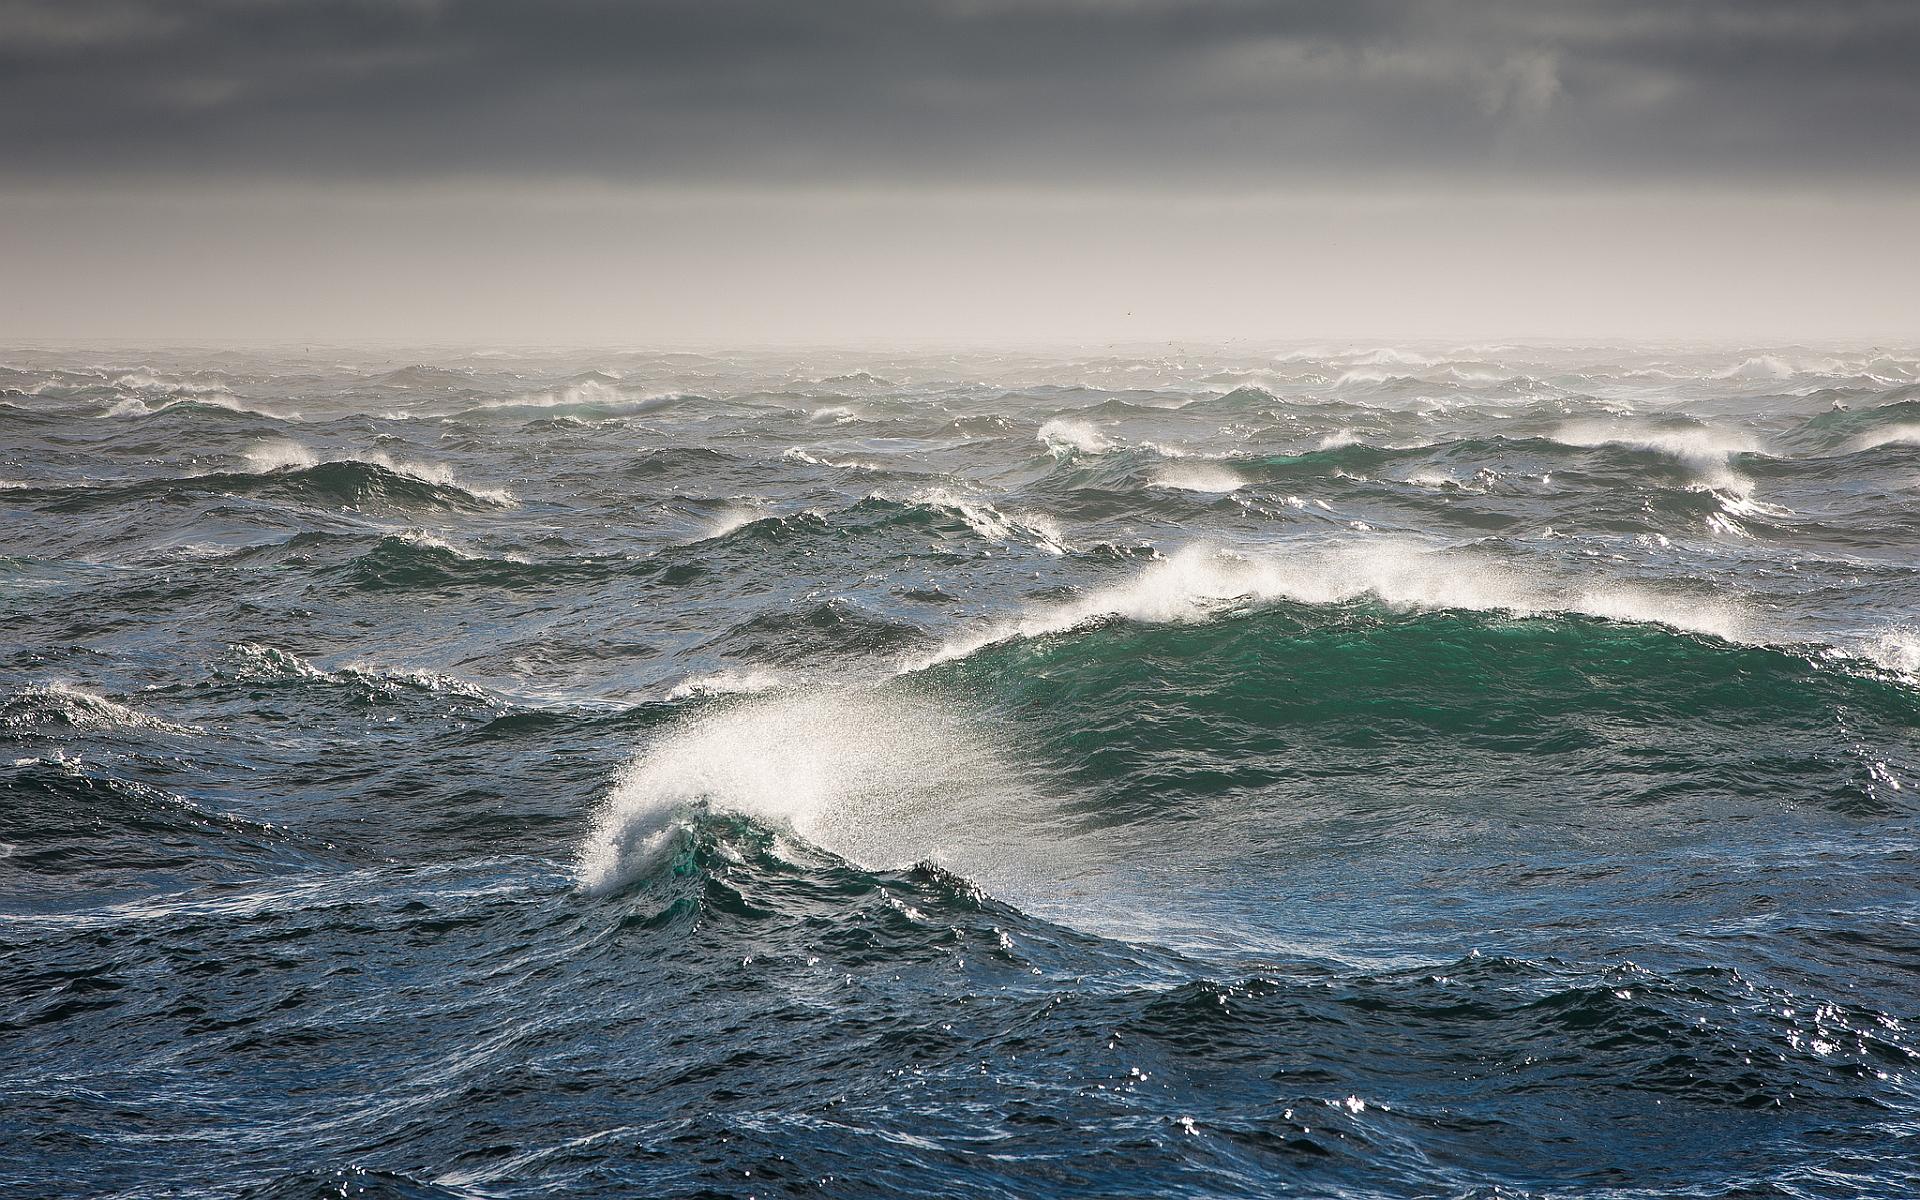 rough ocean waves hd